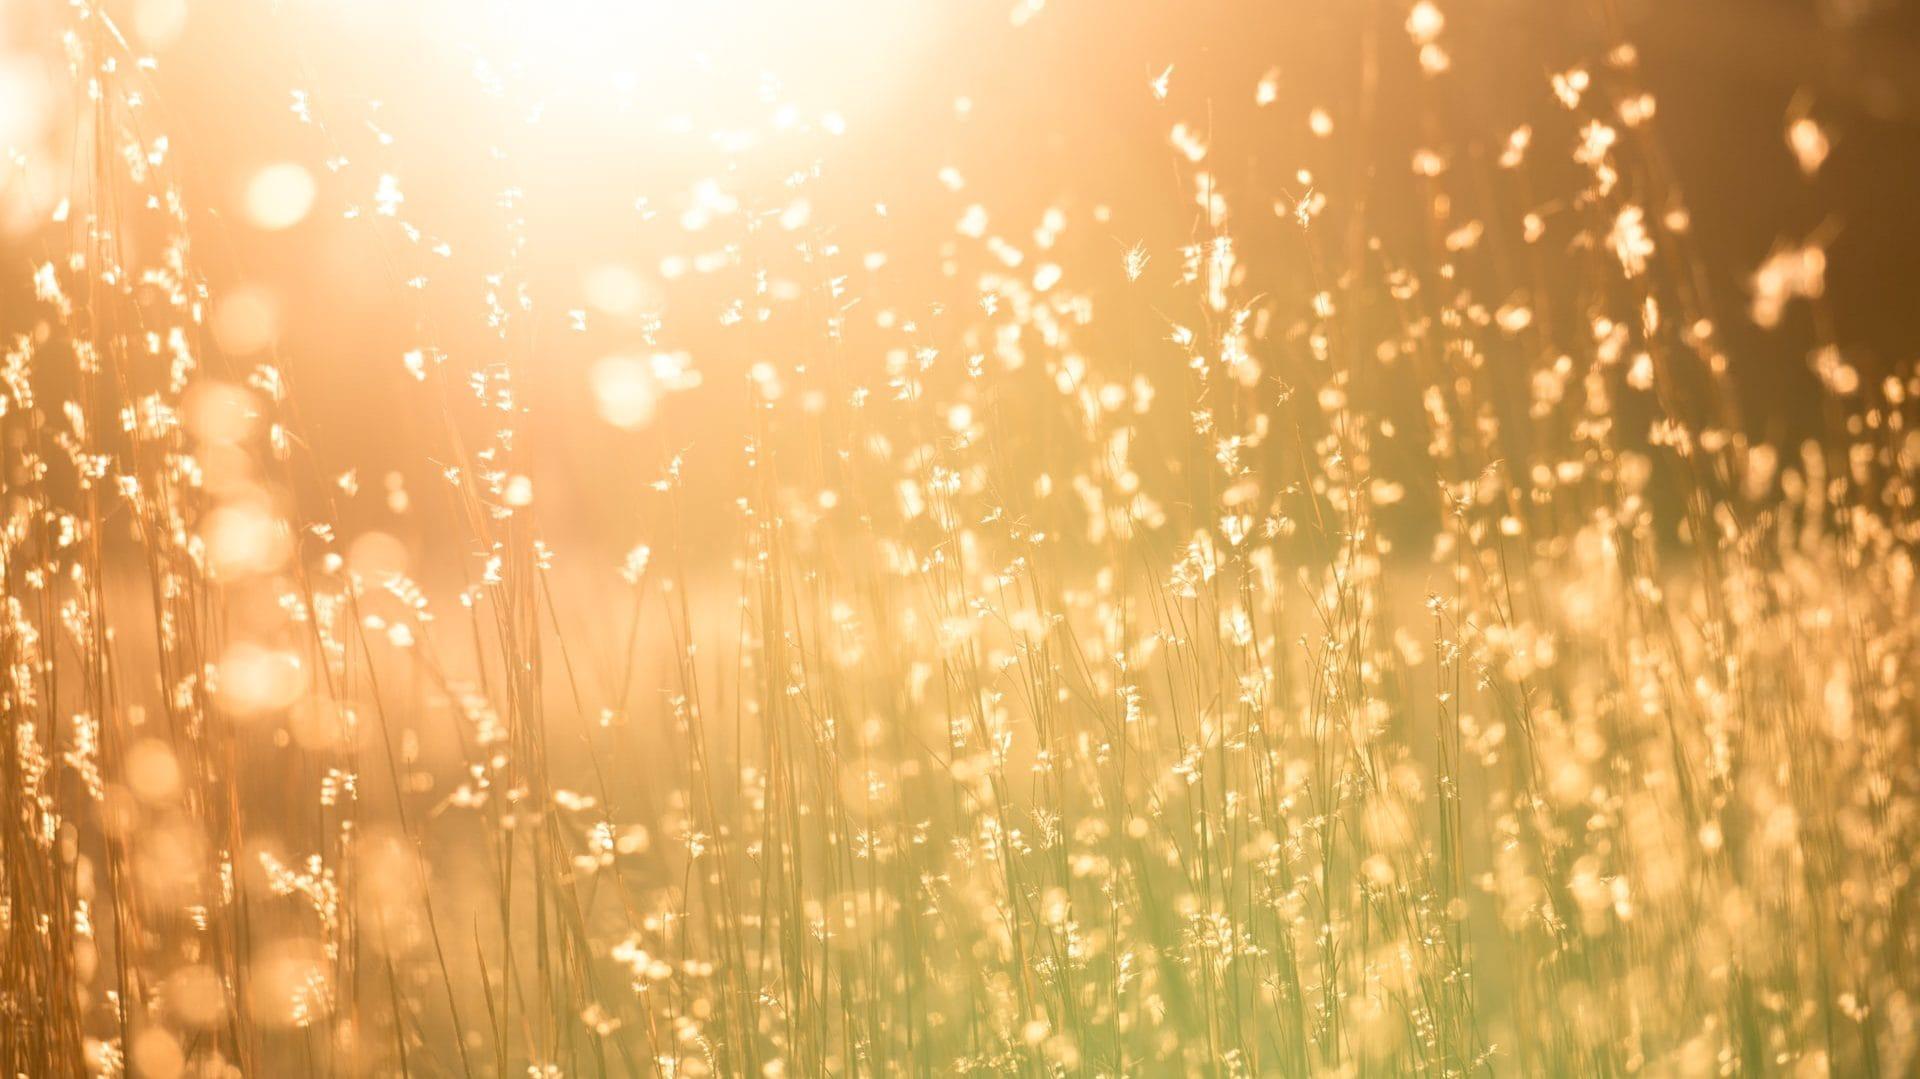 Veld met lang gras en zonnestralen die erdoorheen schijnen